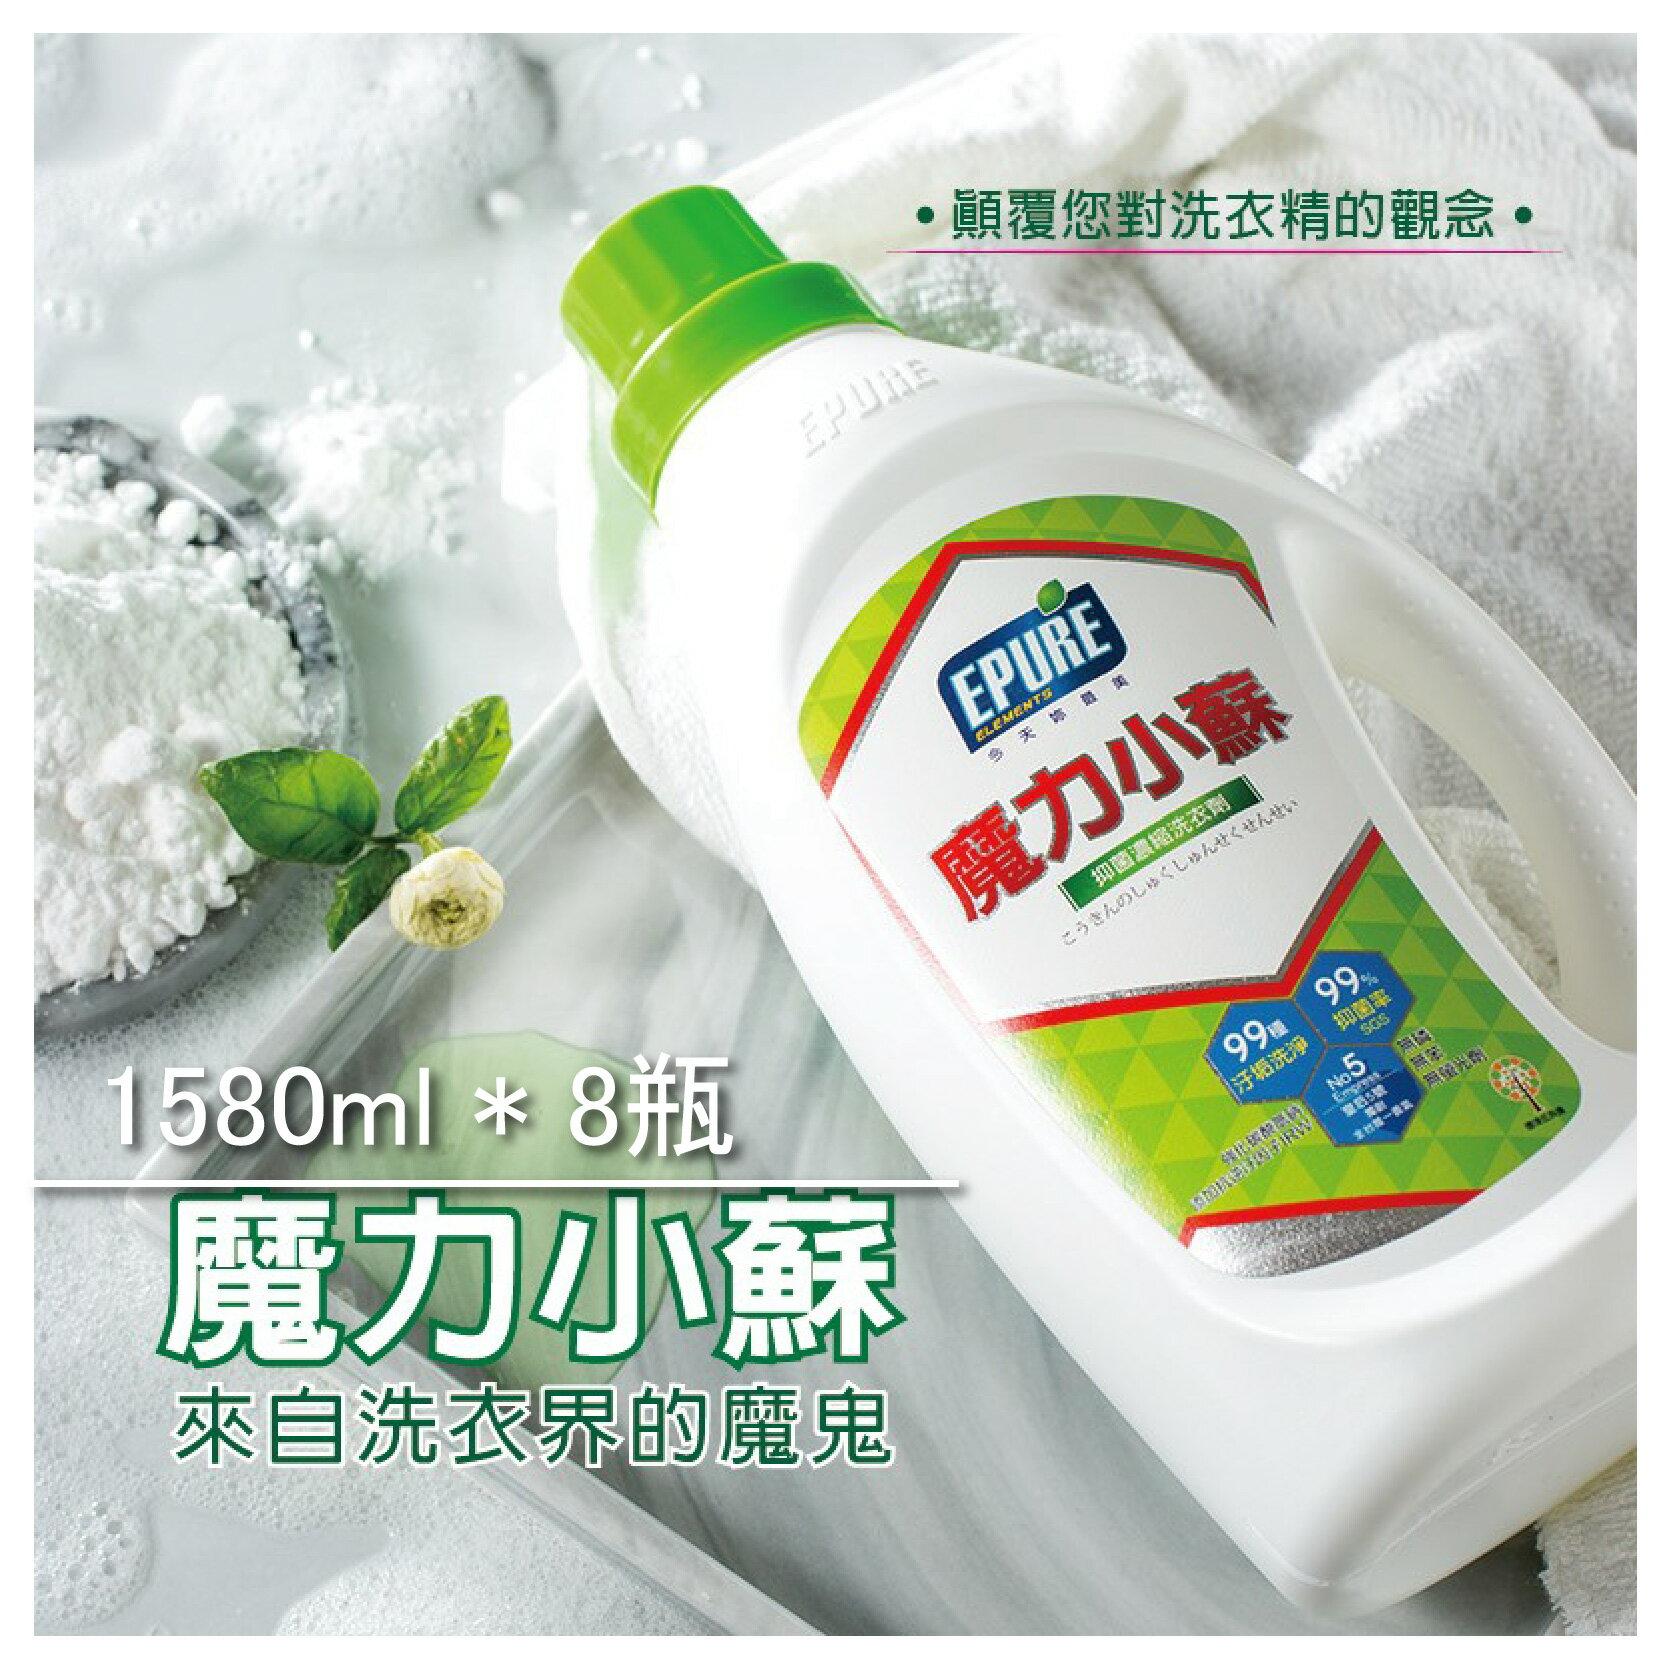 【EPURE恩普樂】魔力小蘇淨化濃縮洗衣精/洗衣精/1580ml-8瓶